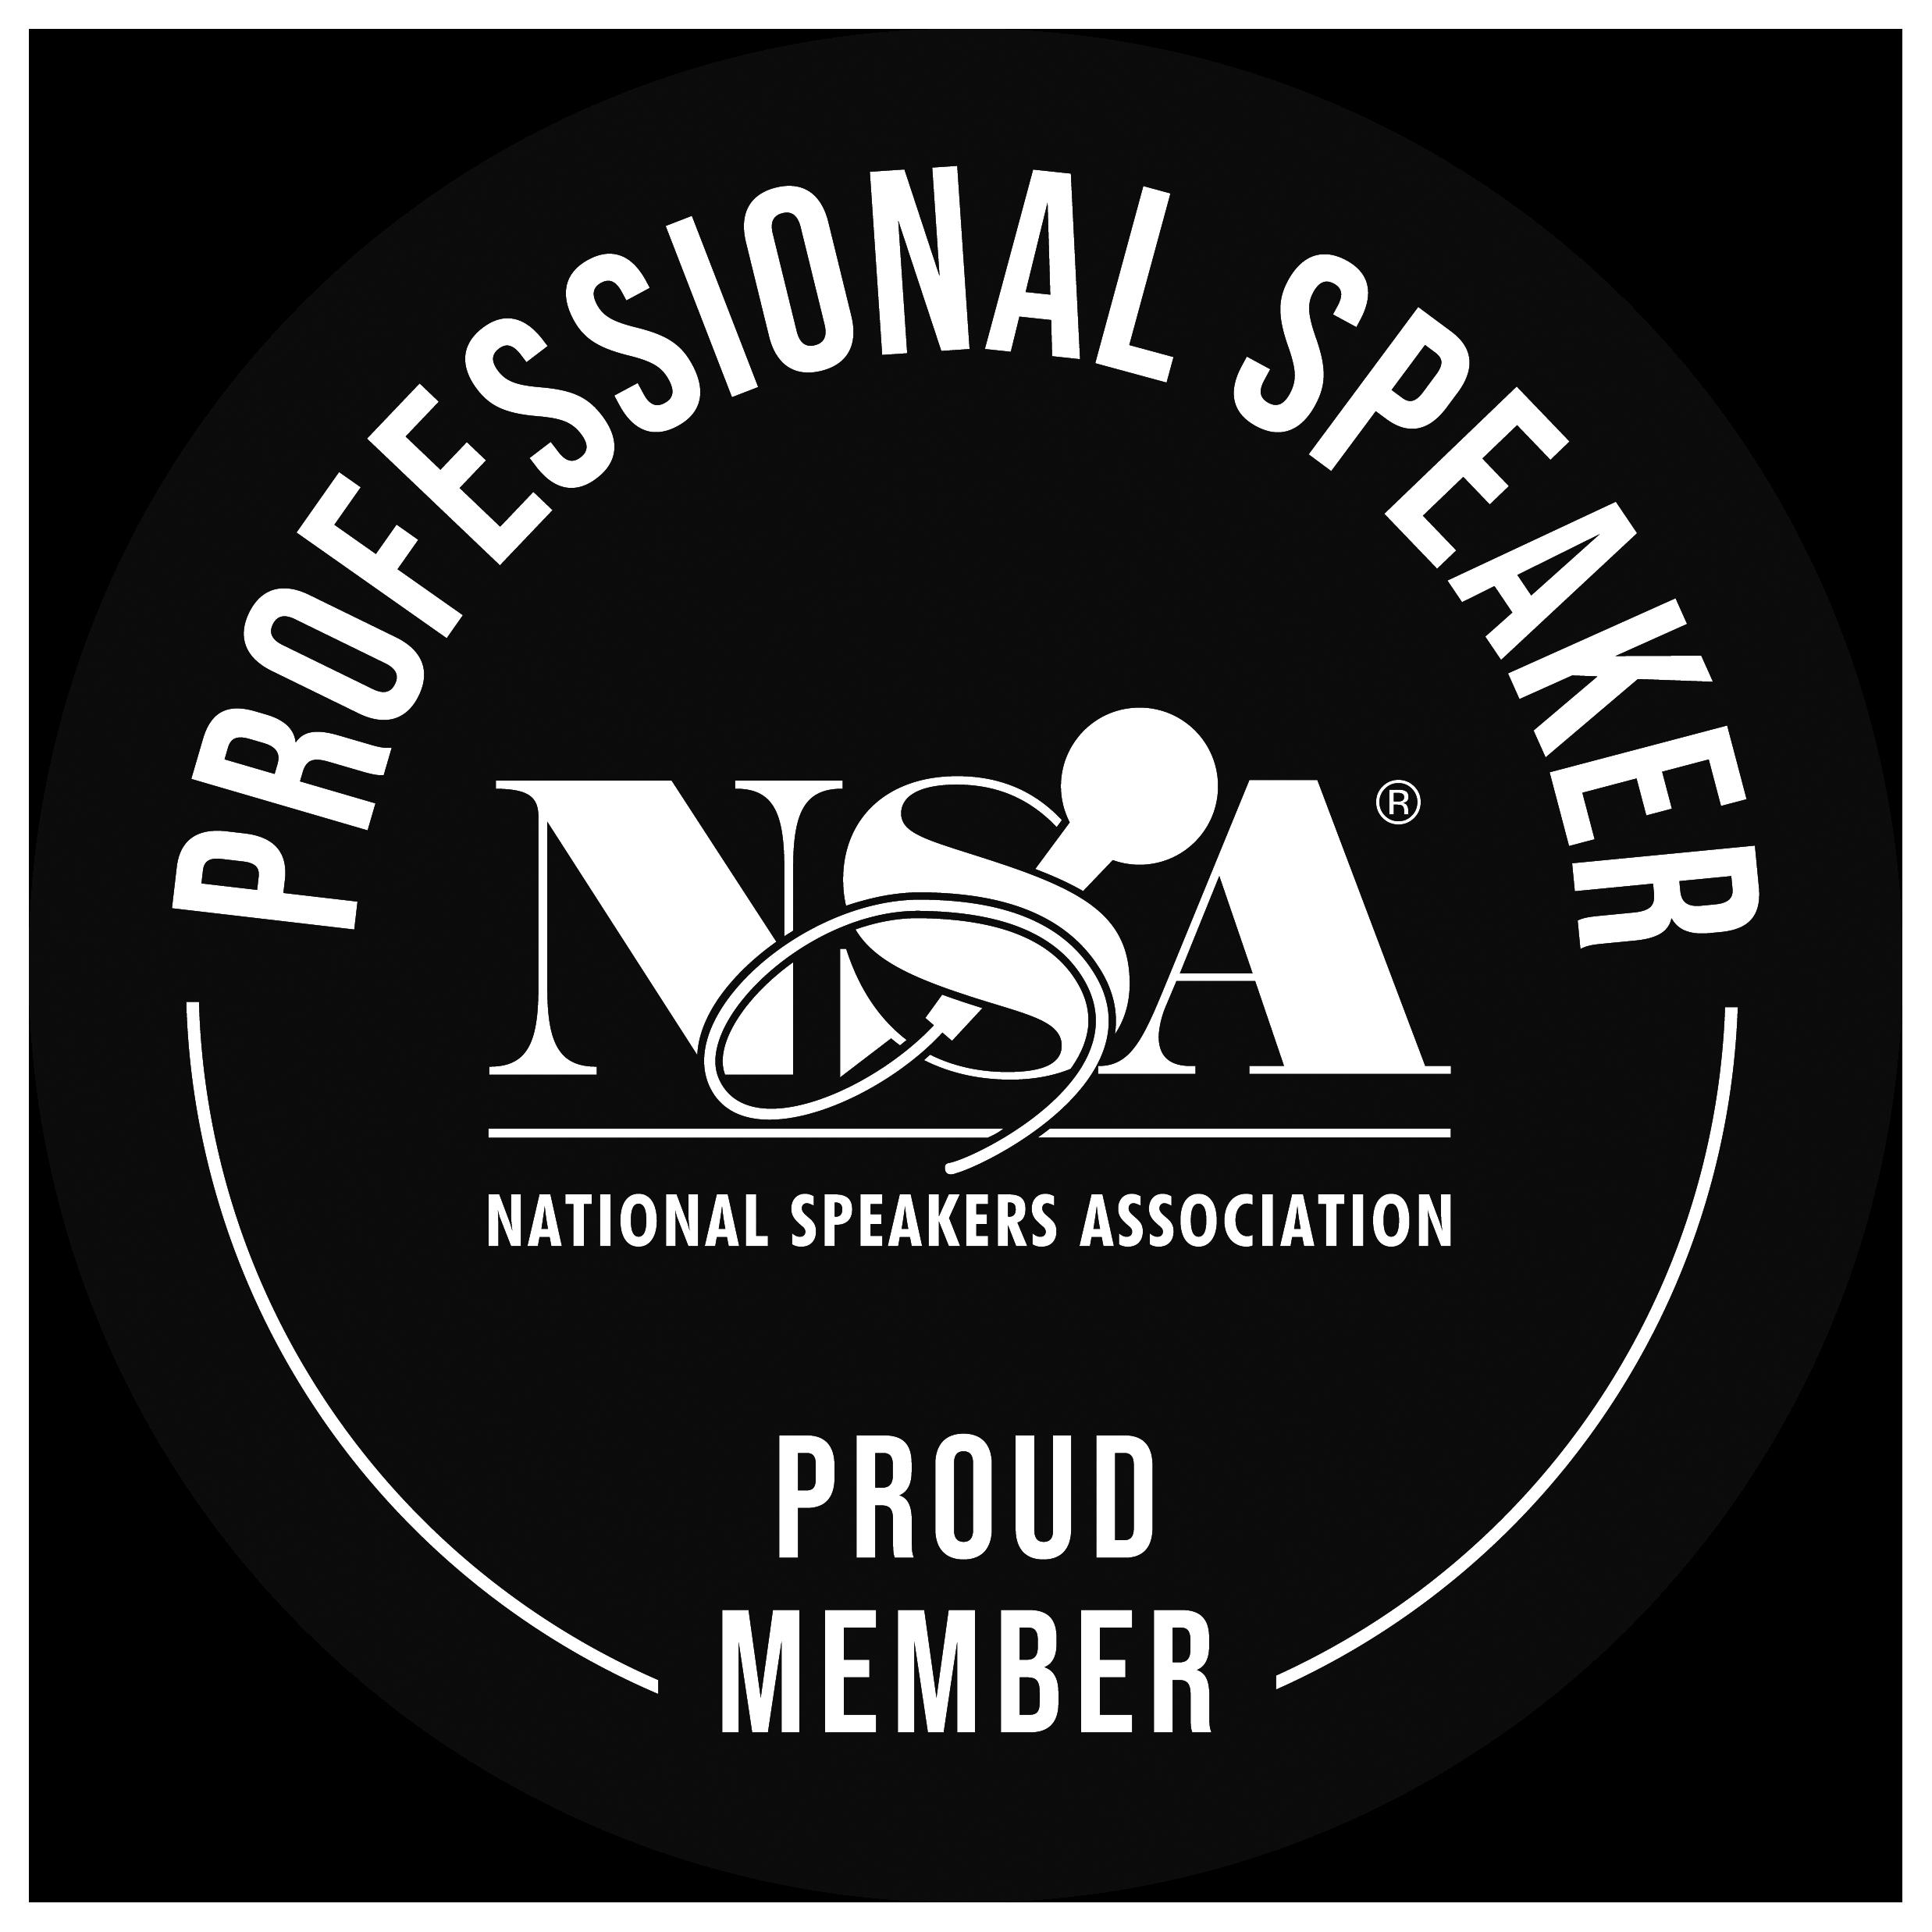 nsa_badge_professionalmember_black_042021